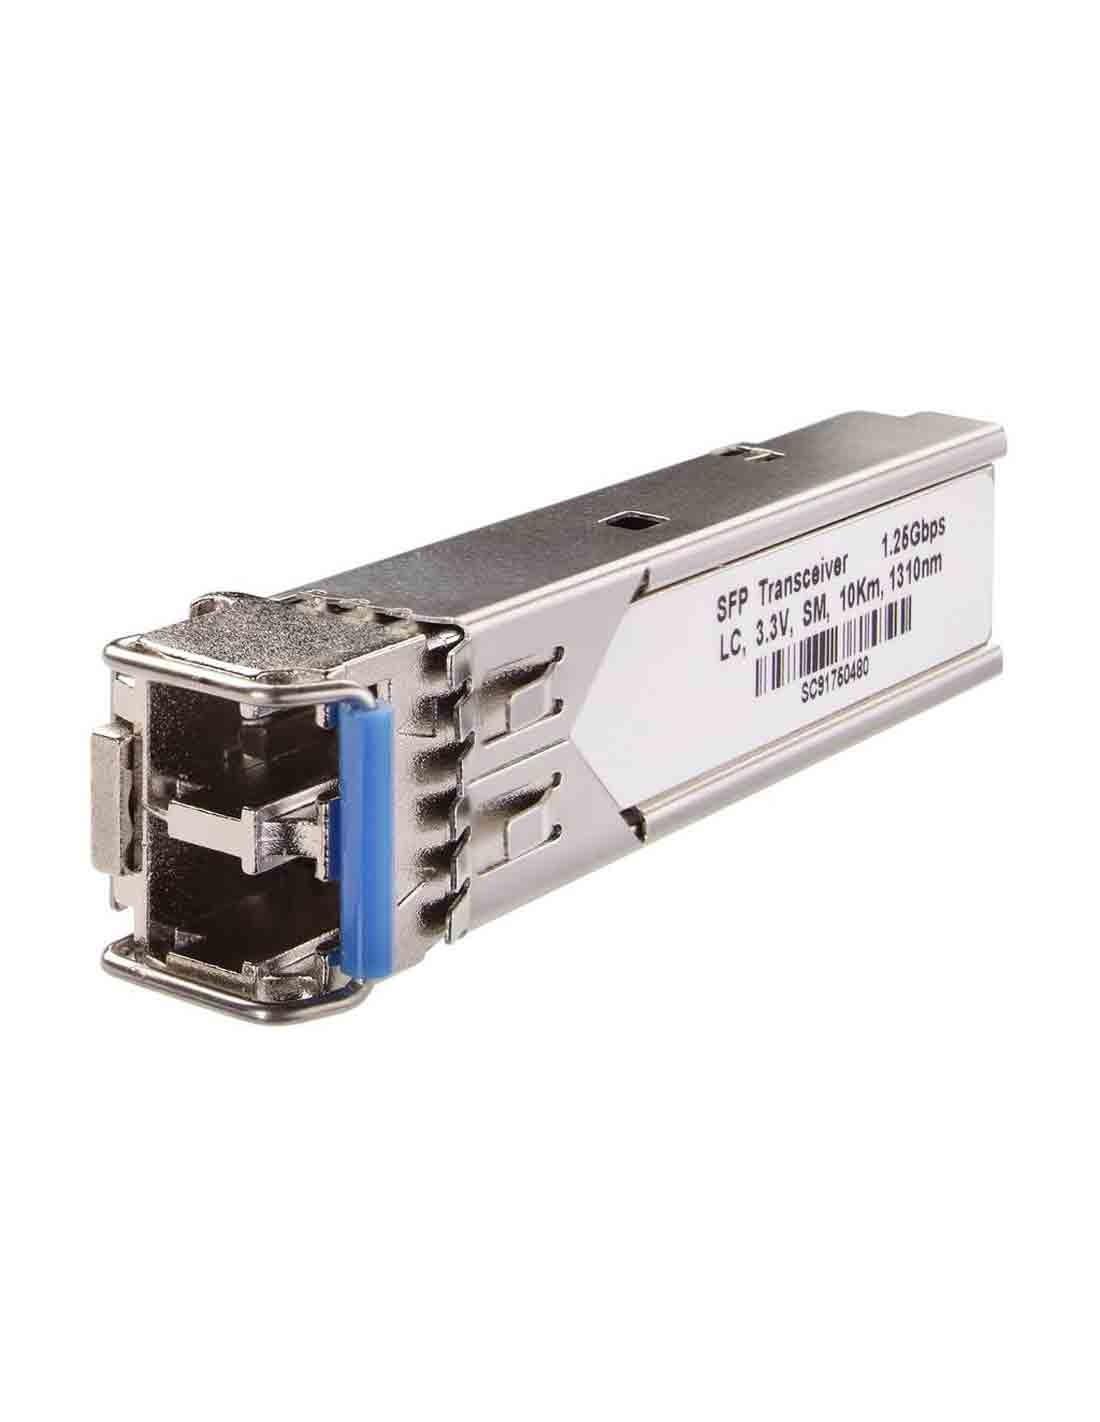 HPE X121 1G SFP LC SX Transceiver J4858C Dubai Online Shop